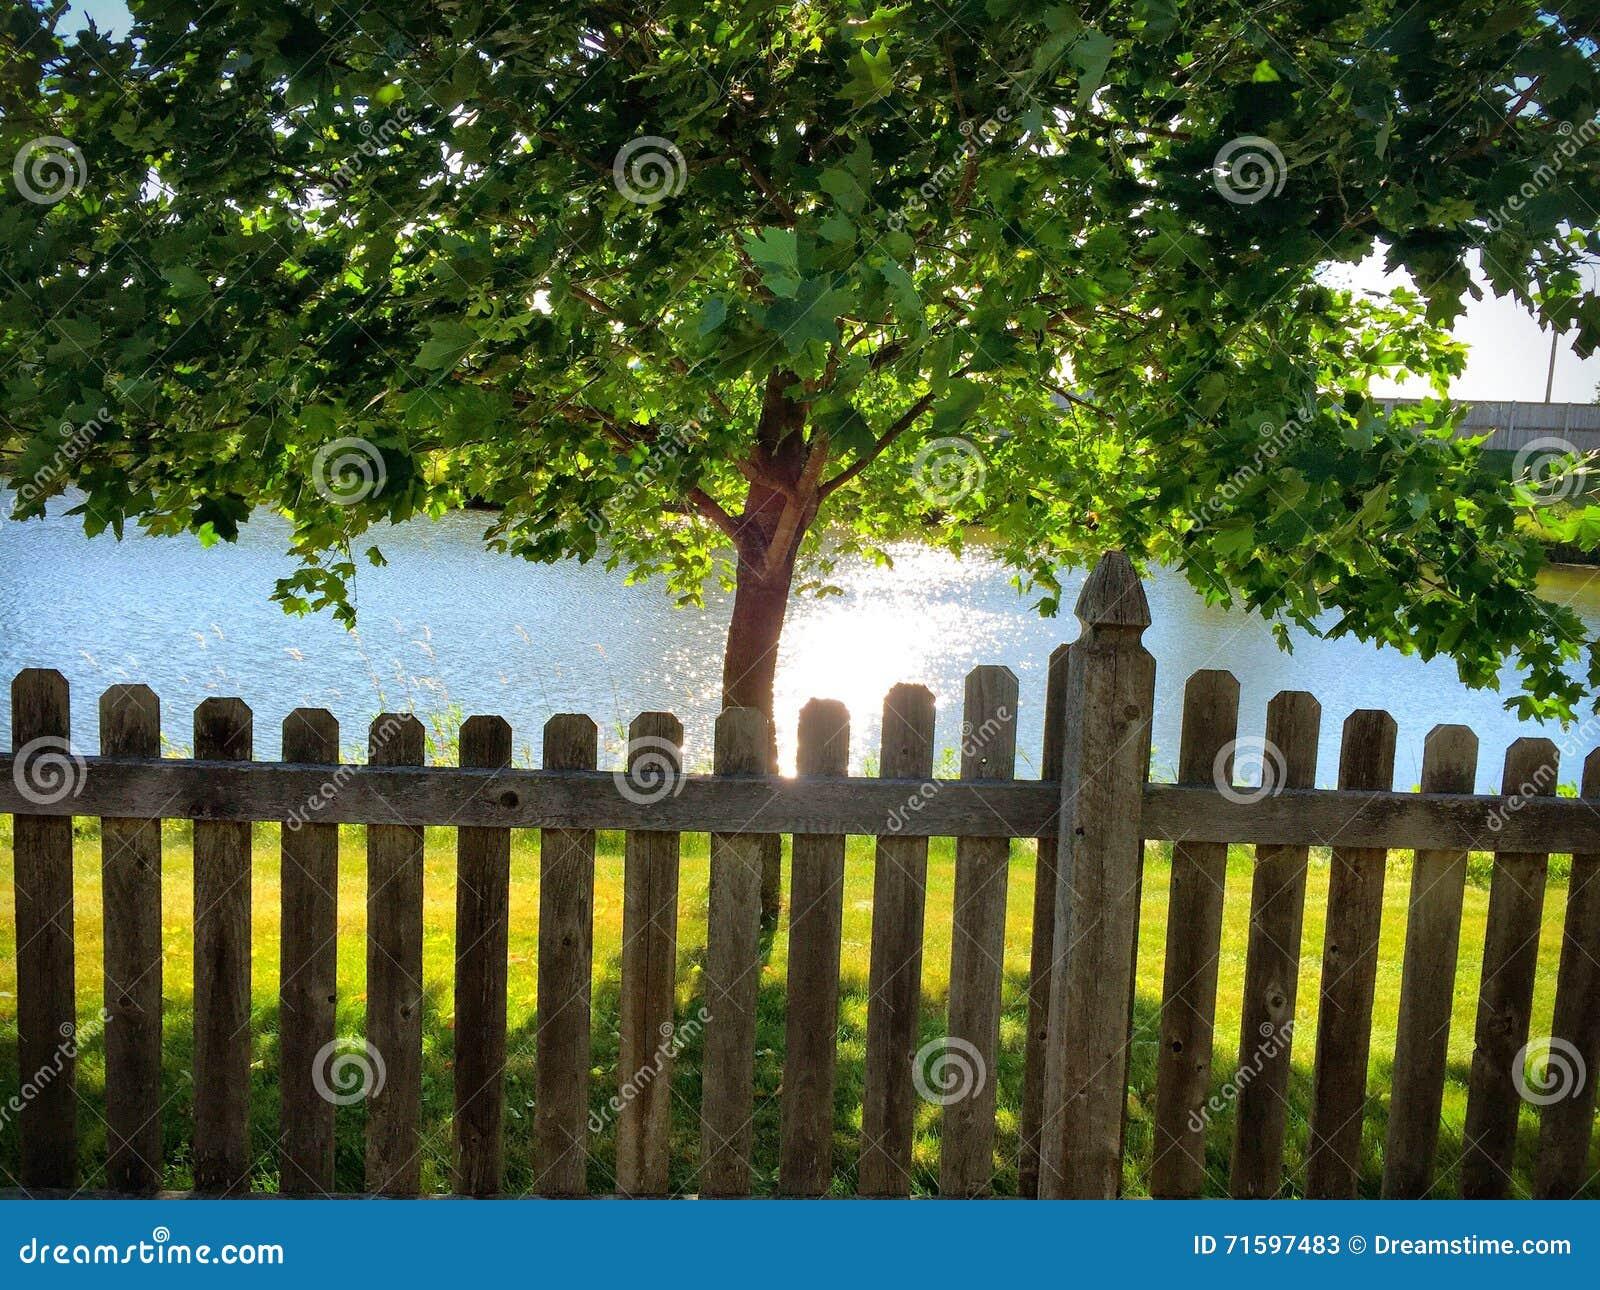 Zaun Entlang Einem Teich